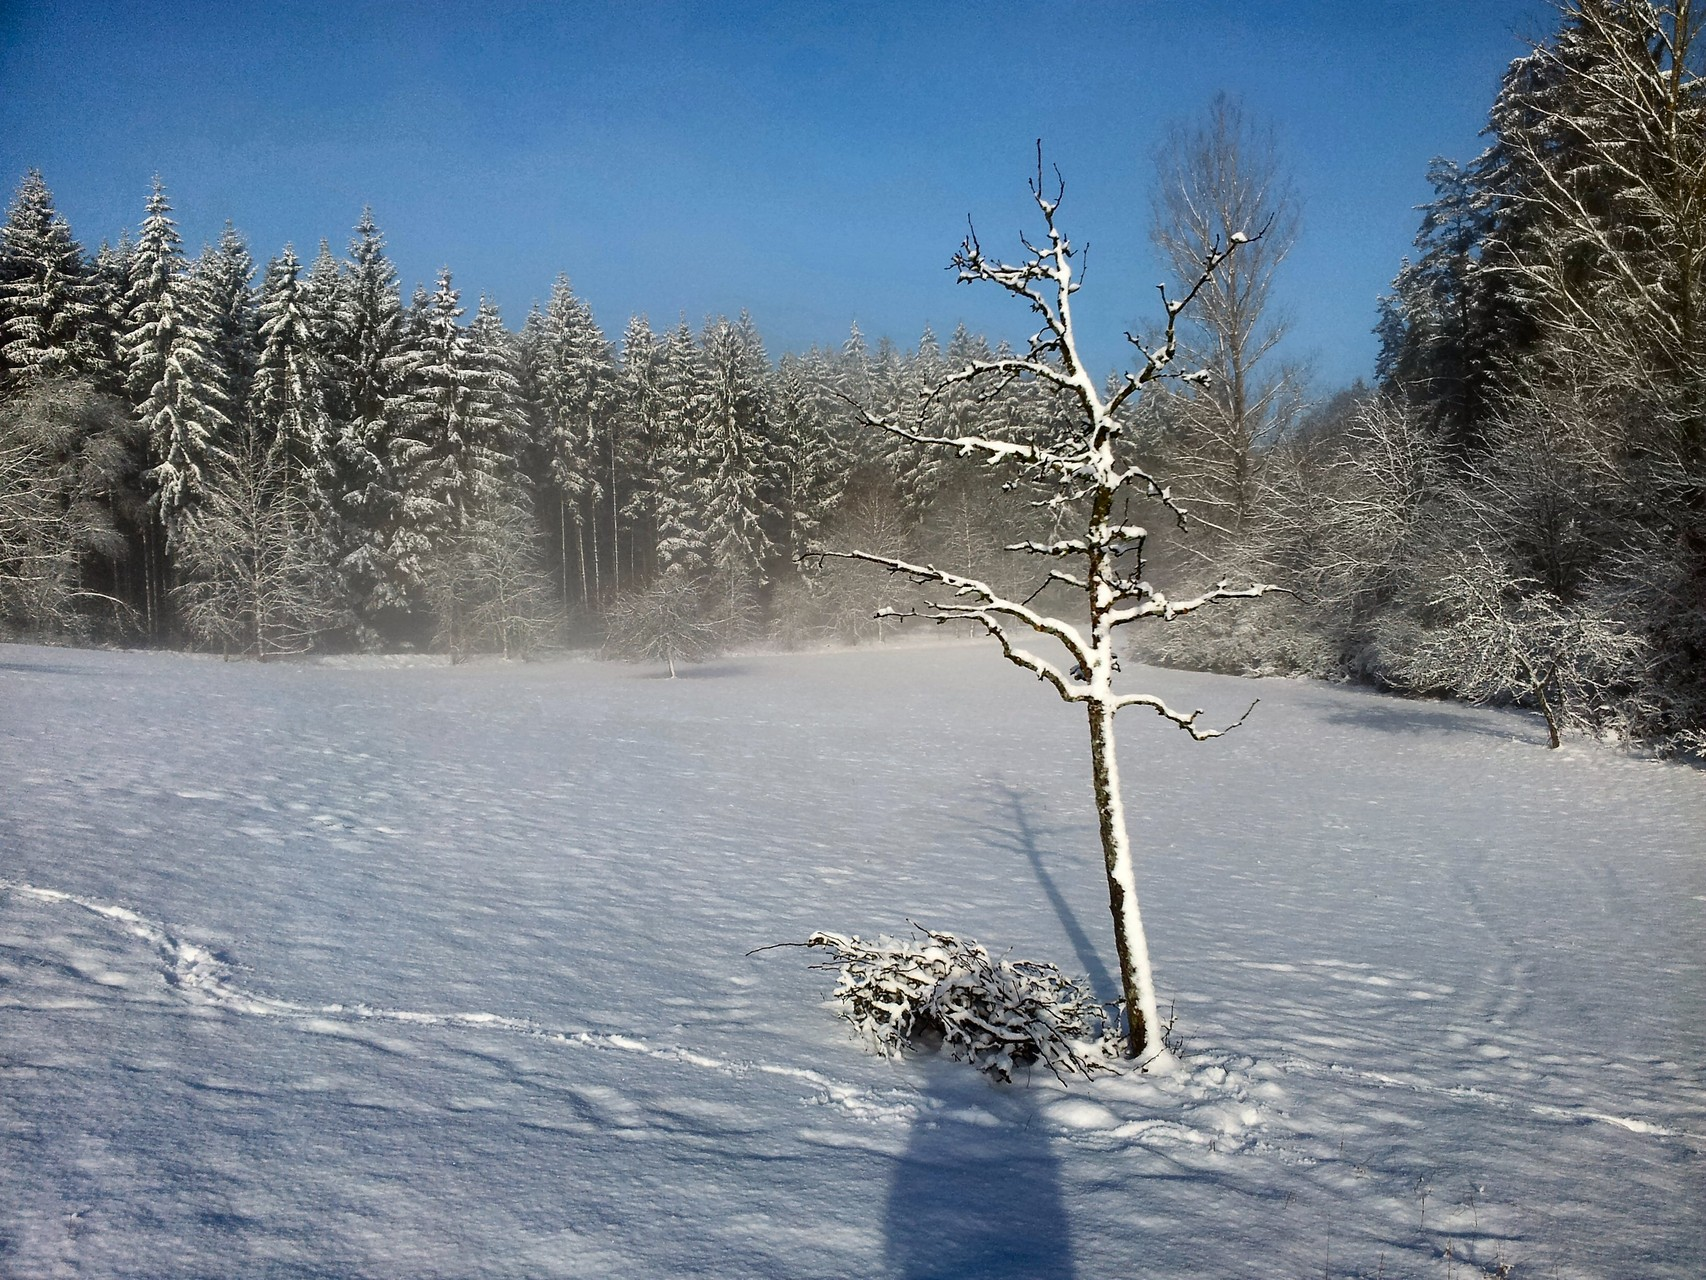 Birne im darauffolgenden Winter Foto: Christian Rudolf